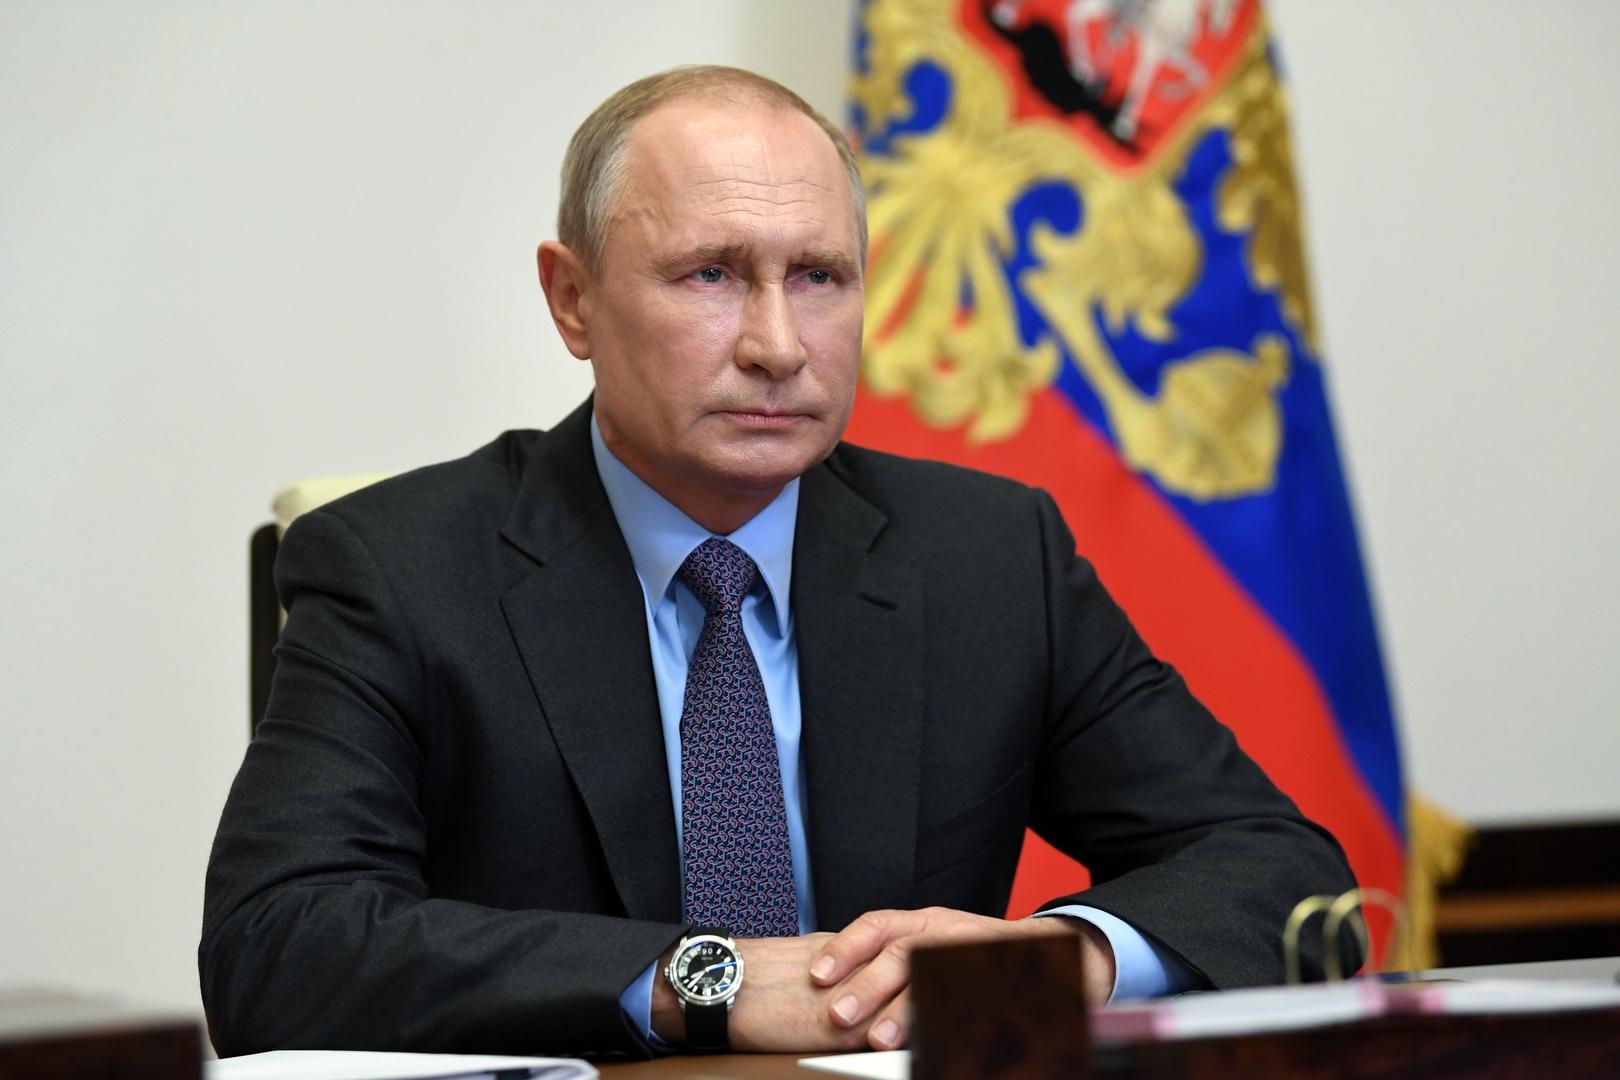 وزير الصحة الروسي: نستعد للبدء بعمليات التطعيم الشاملة ضد فيروس كورونا